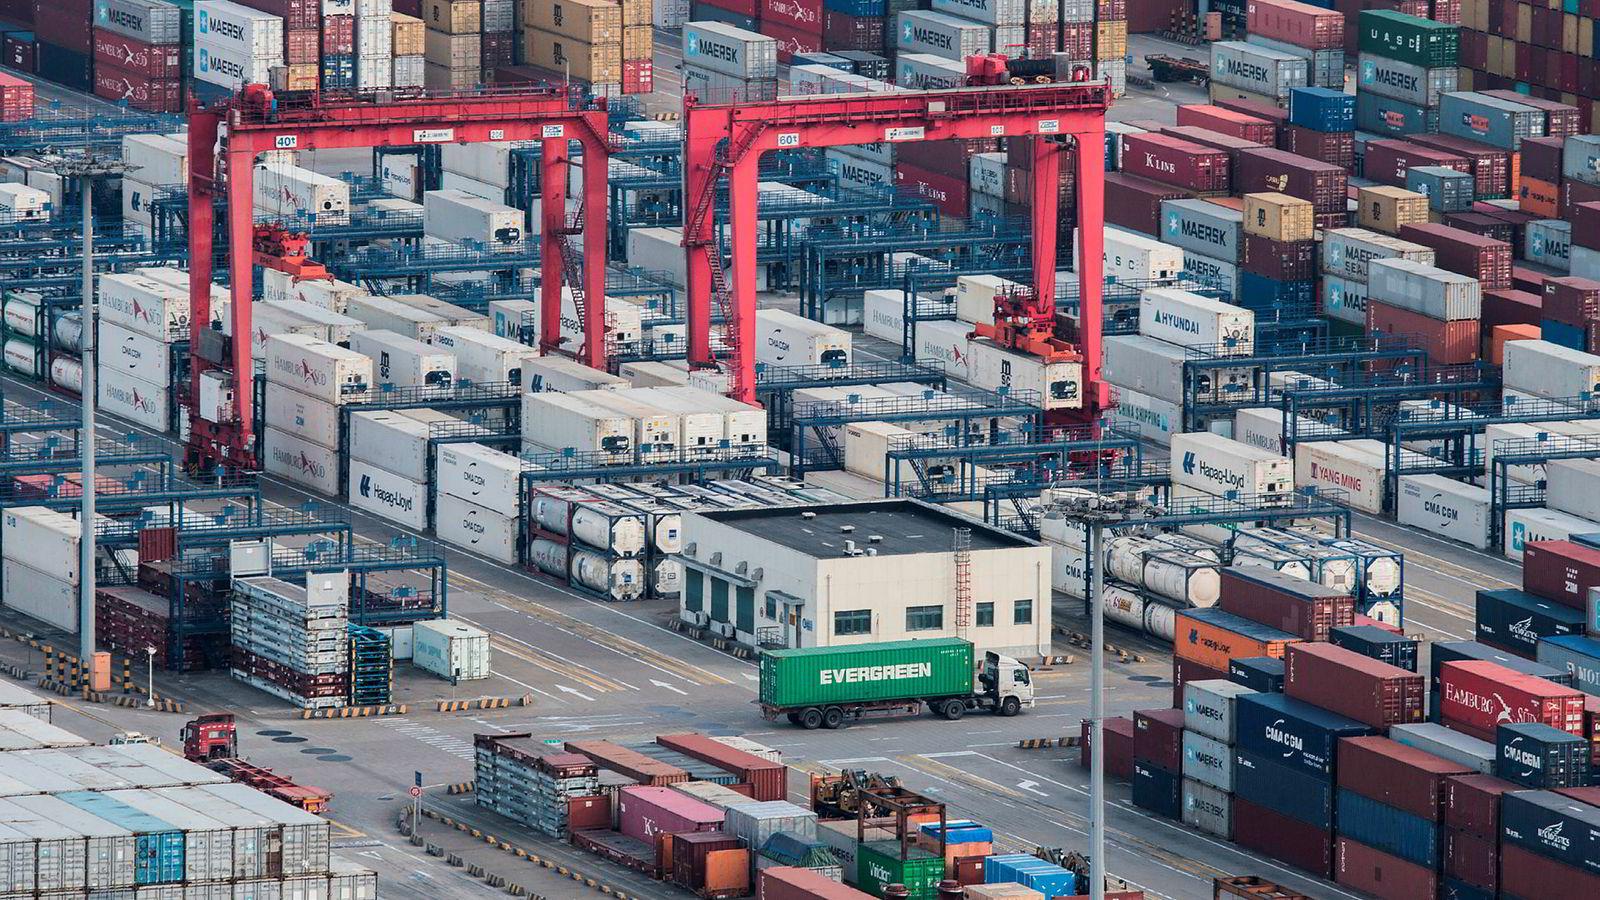 Den kinesiske handelen var svakere enn ventet i november. USA legger press på Kina for å få til en handelsavtale før fristen går ut i slutten av februar. President Donald Trump er ikke innstilt på en forlengelse av våpenhvilen i handelskrigen.